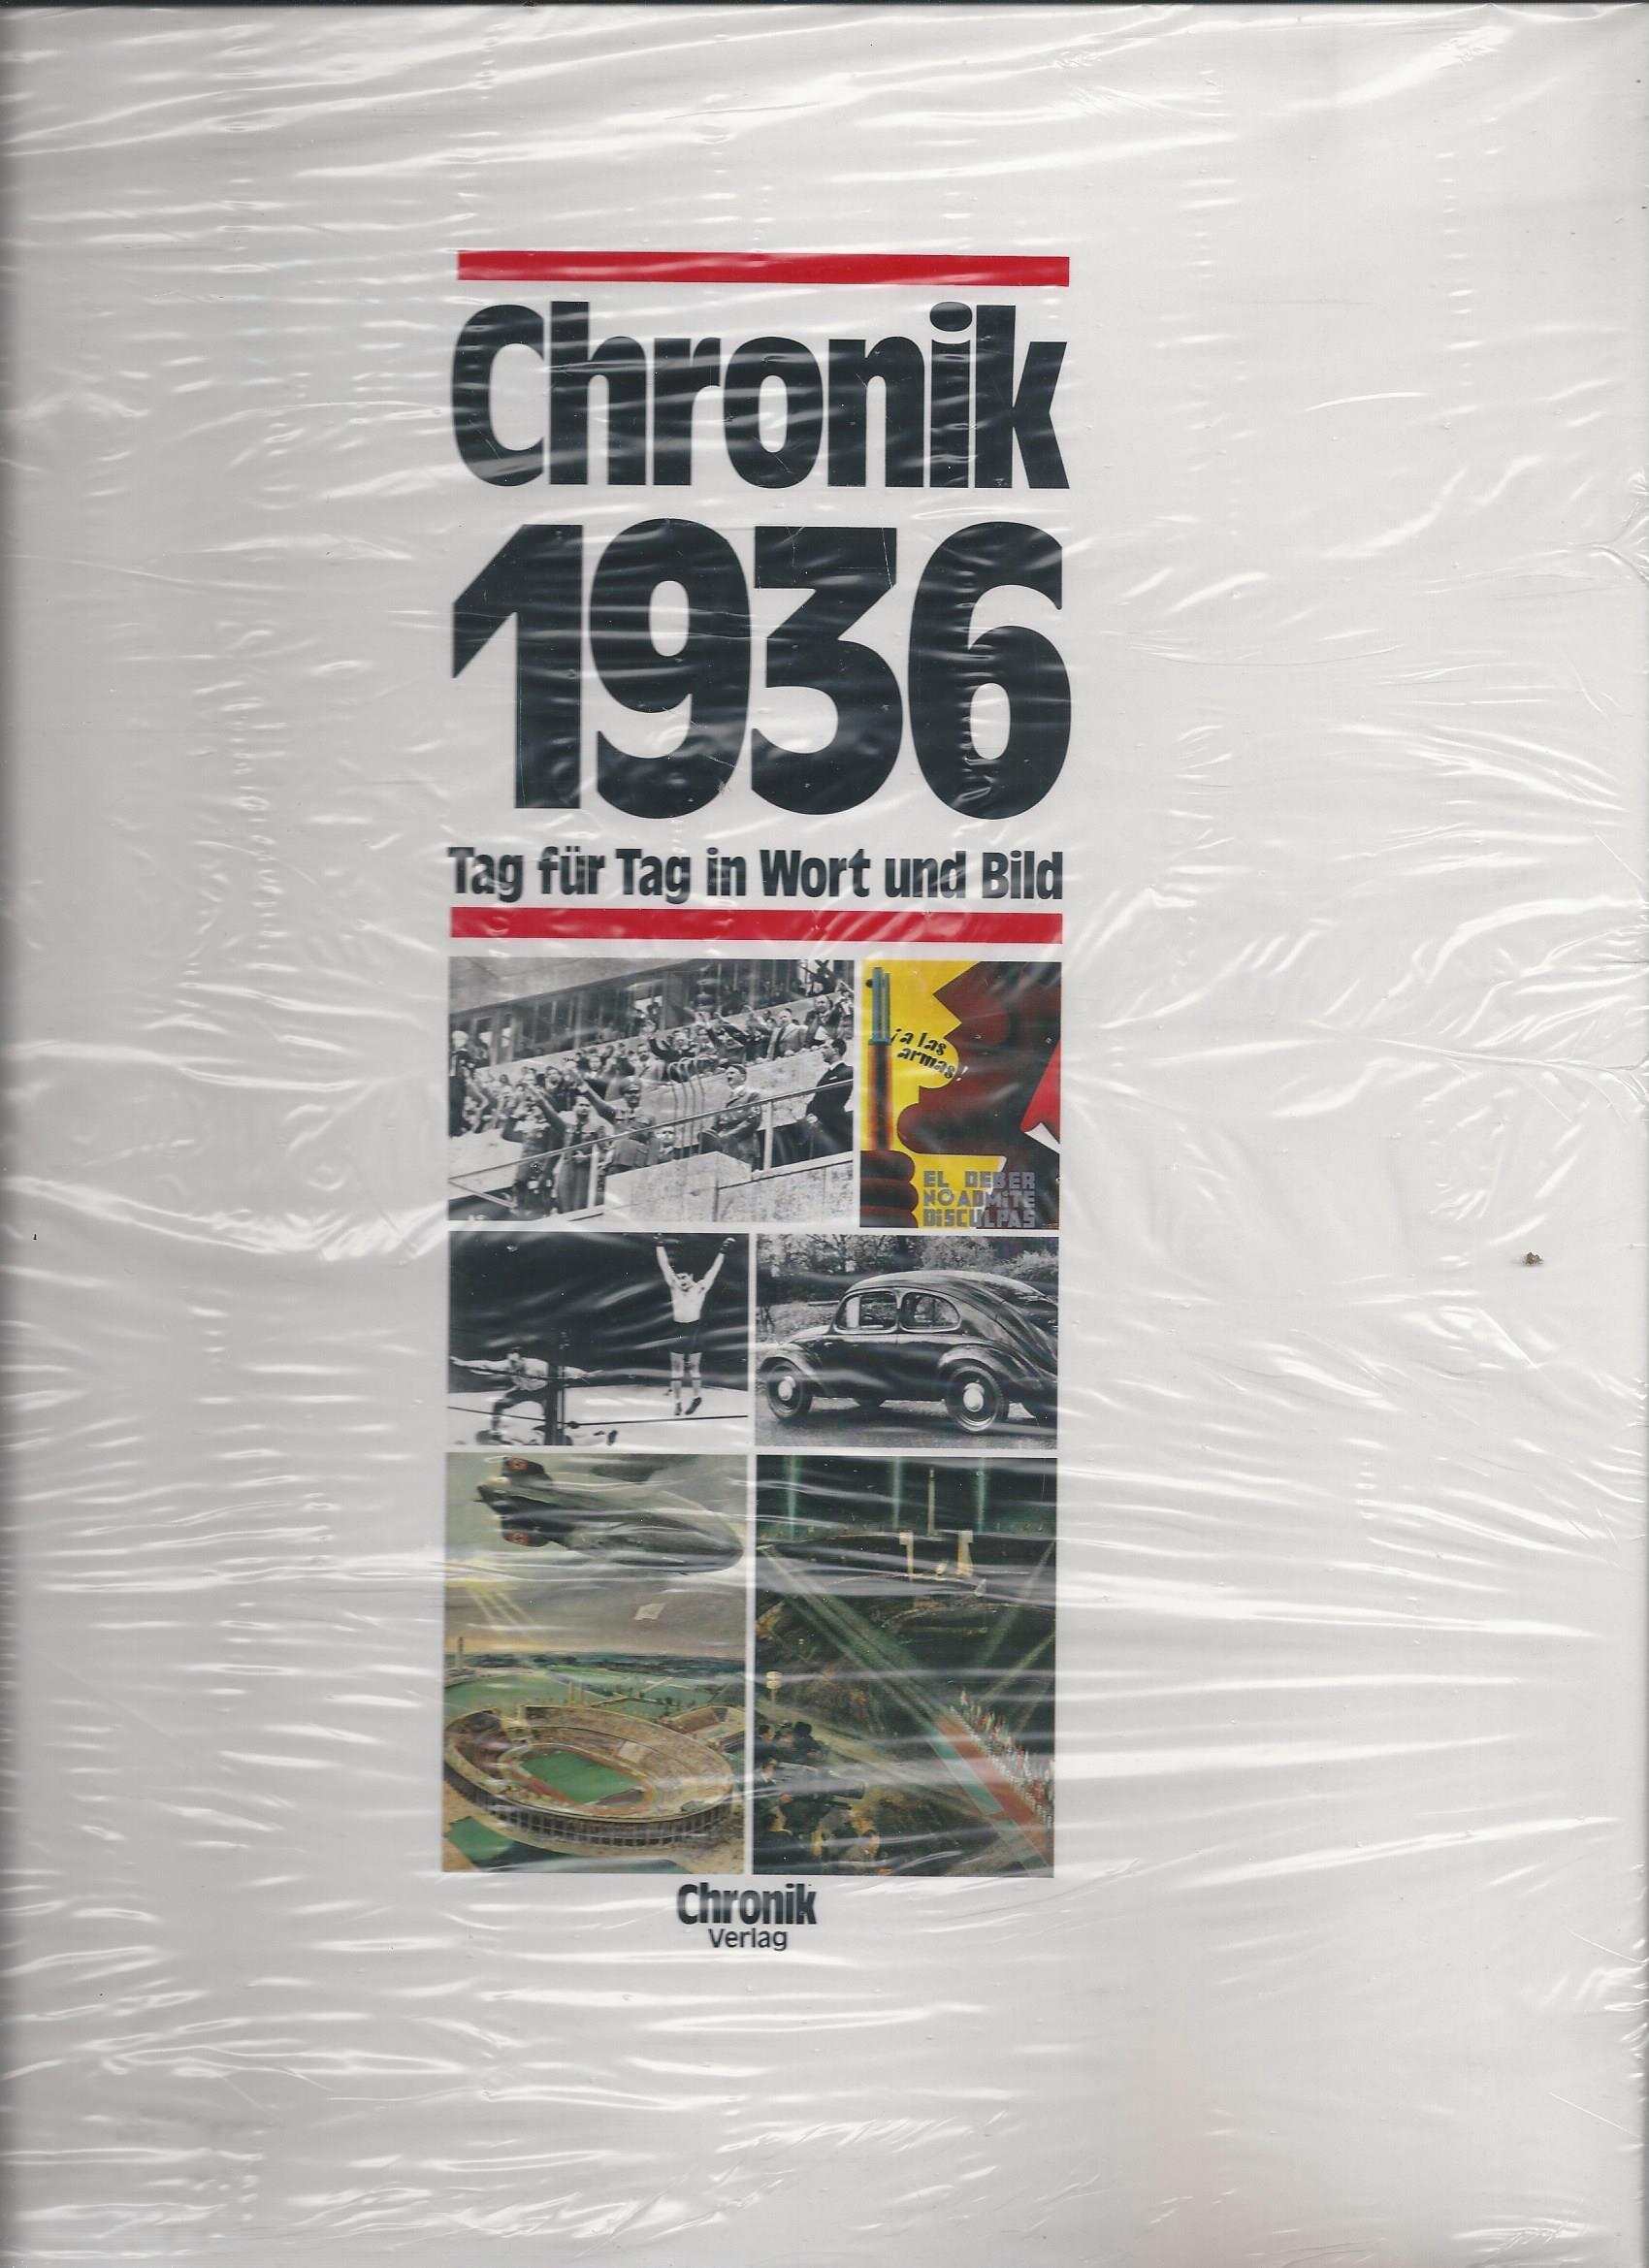 Chronik 1936. Tag für Tag in Wort und Bild